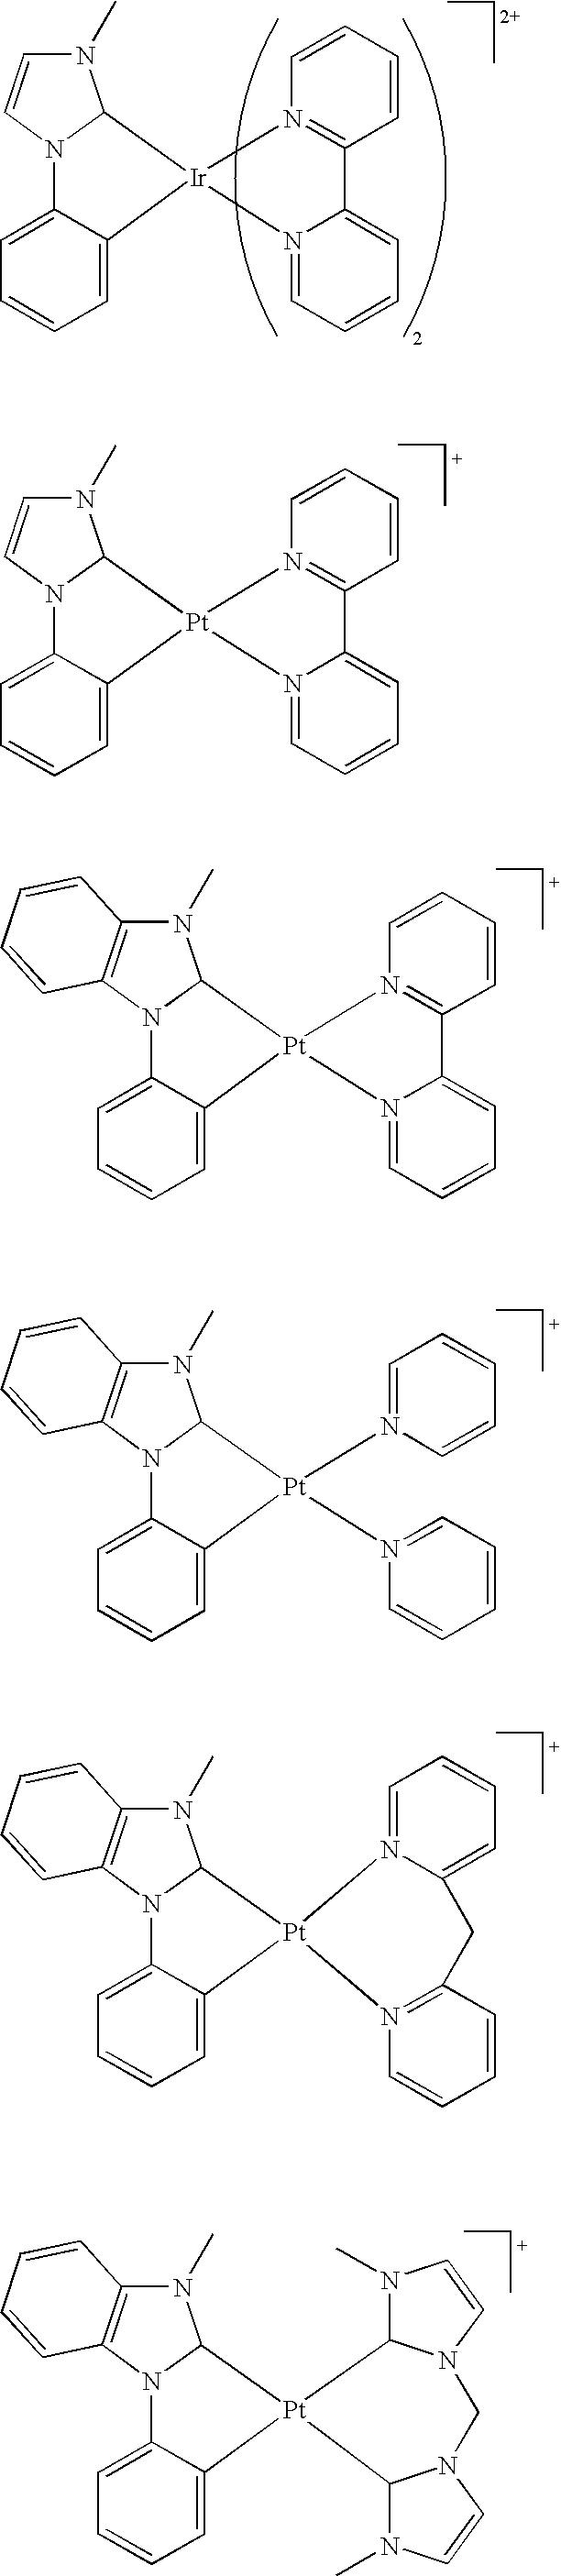 Figure US07445855-20081104-C00337